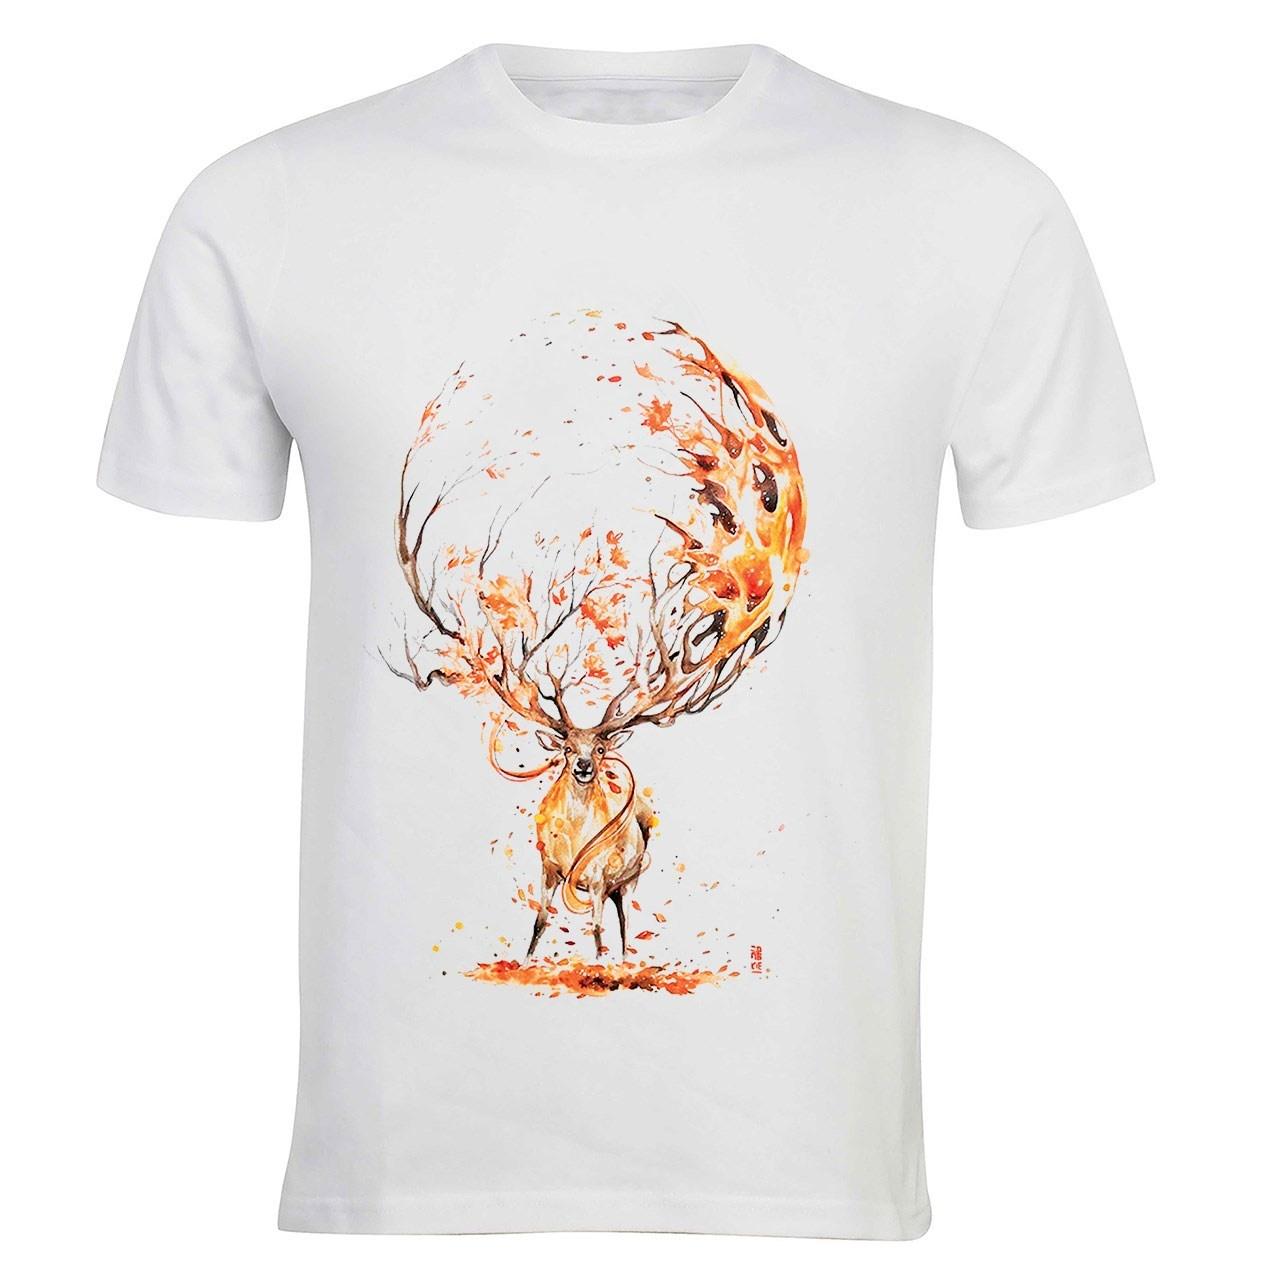 تی شرت آستین کوتاه زیزیپ کد 123T